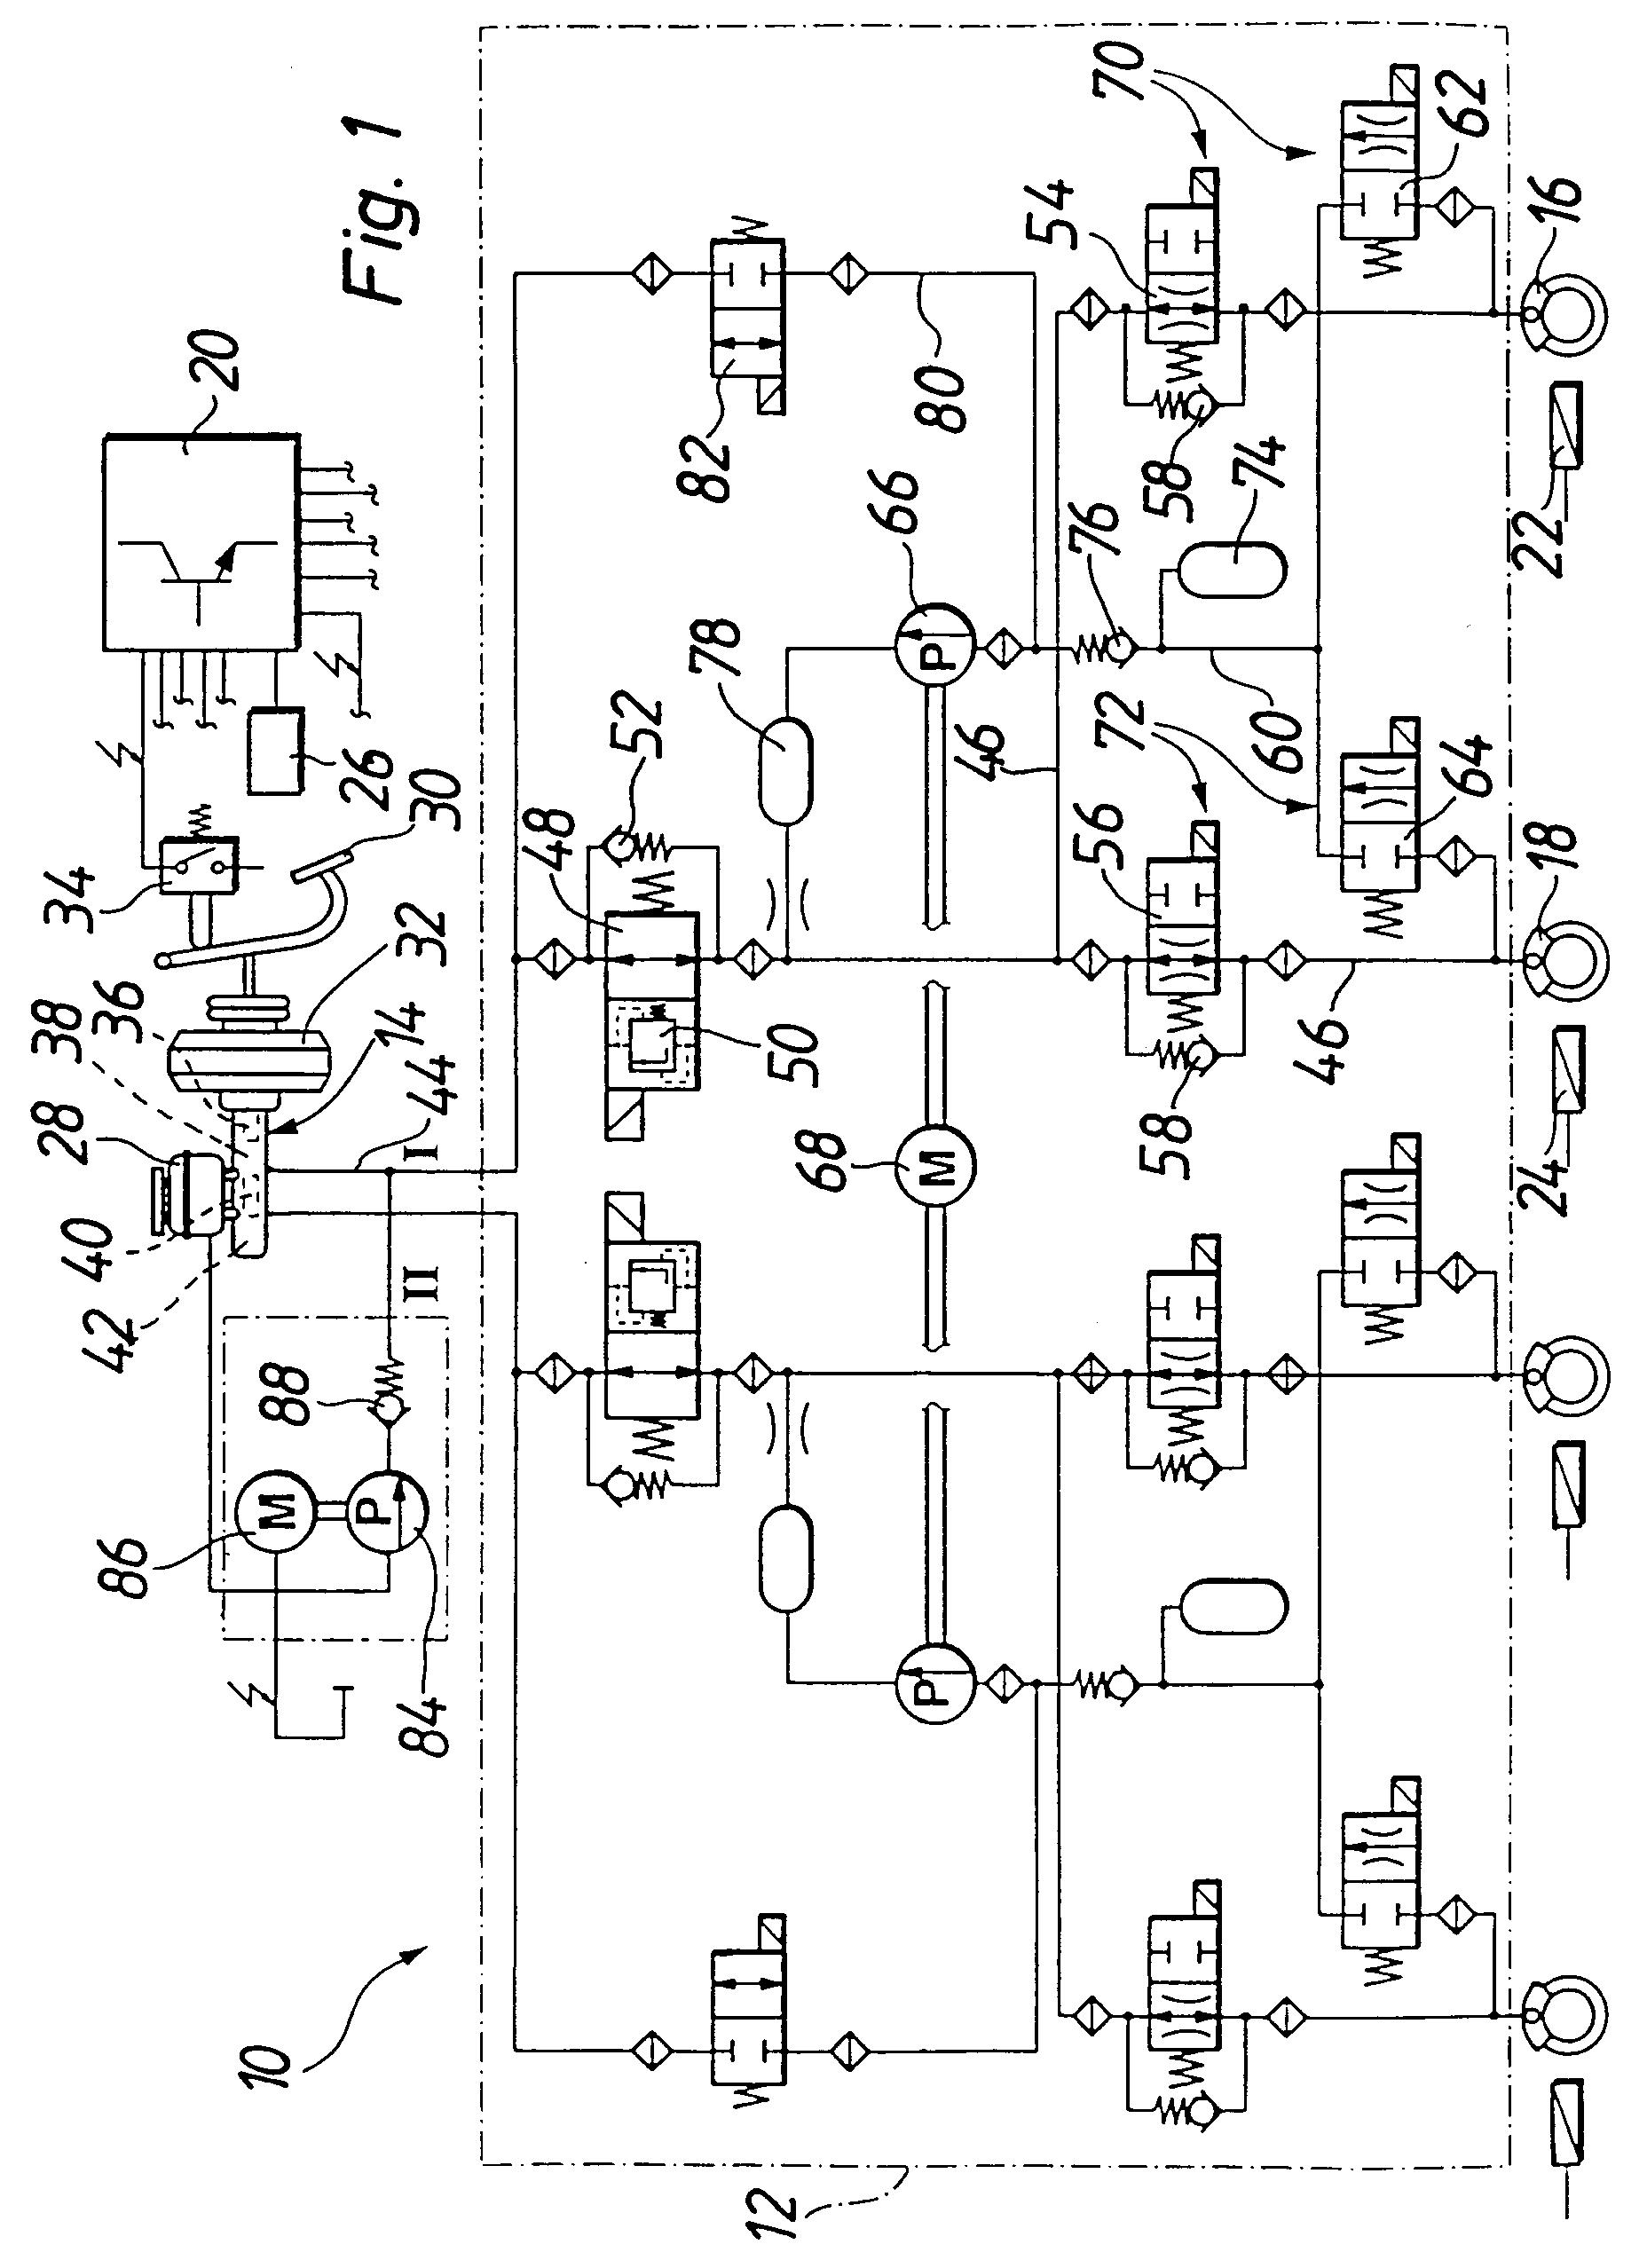 Großzügig übliches Kompressor Schaltbild Galerie - Der Schaltplan ...